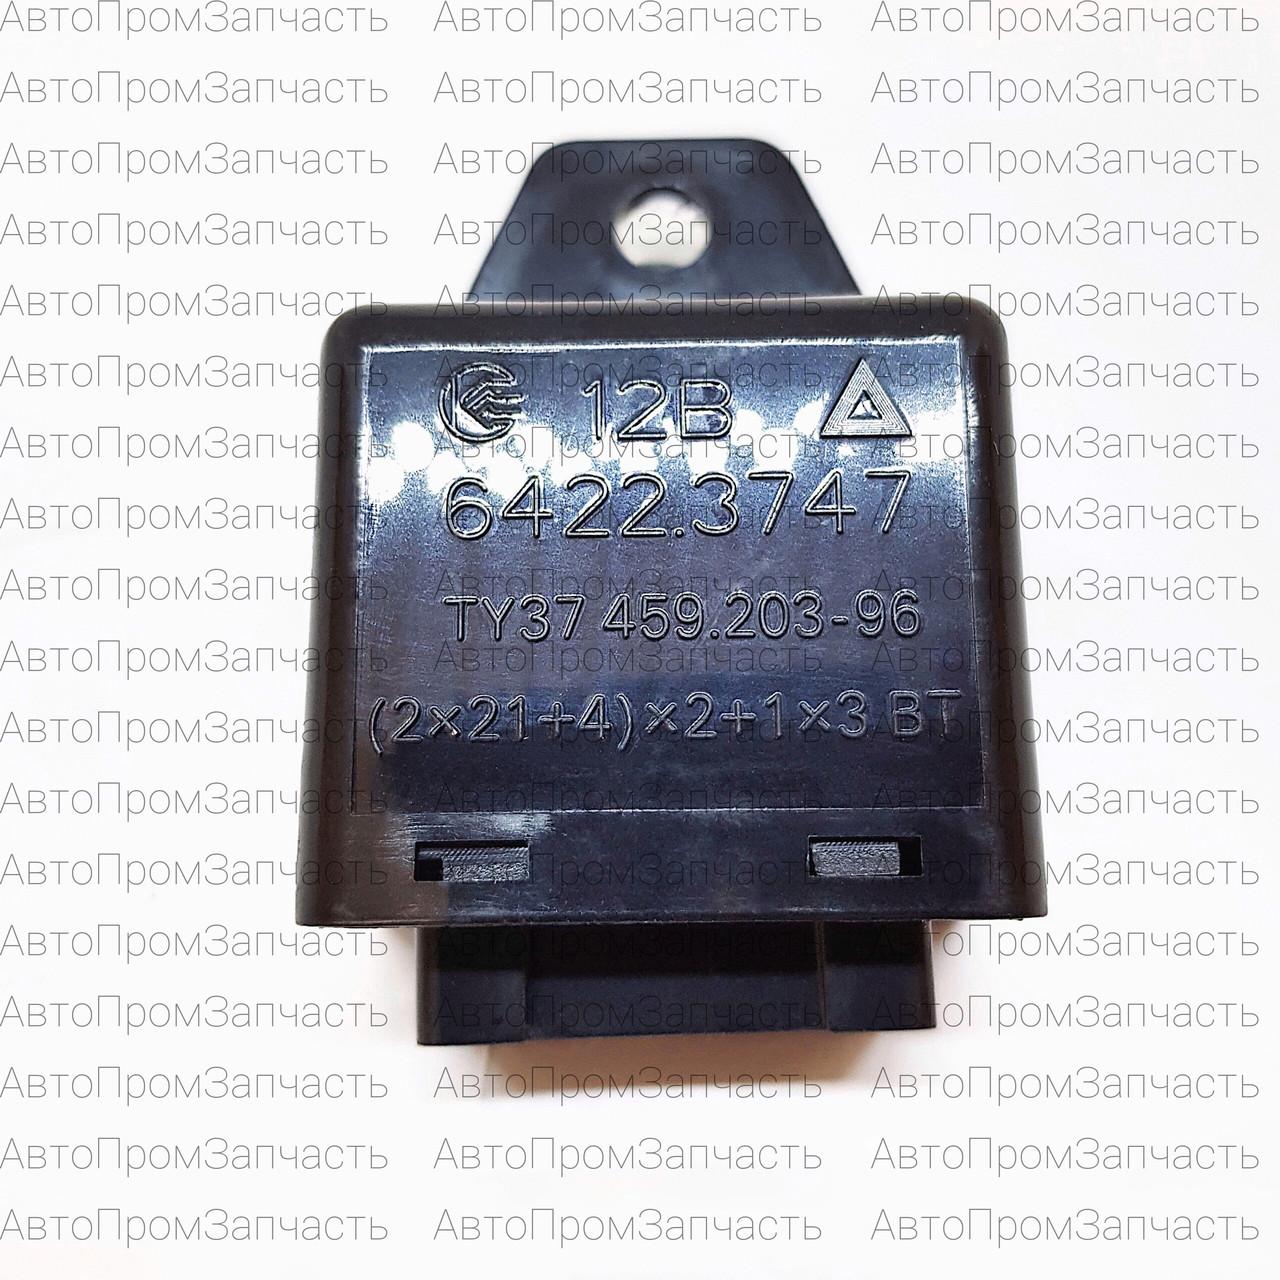 Реле поворотов и аварийного сигнала ВАЗ 2106 4х контакт. (6422.3747) Калуга